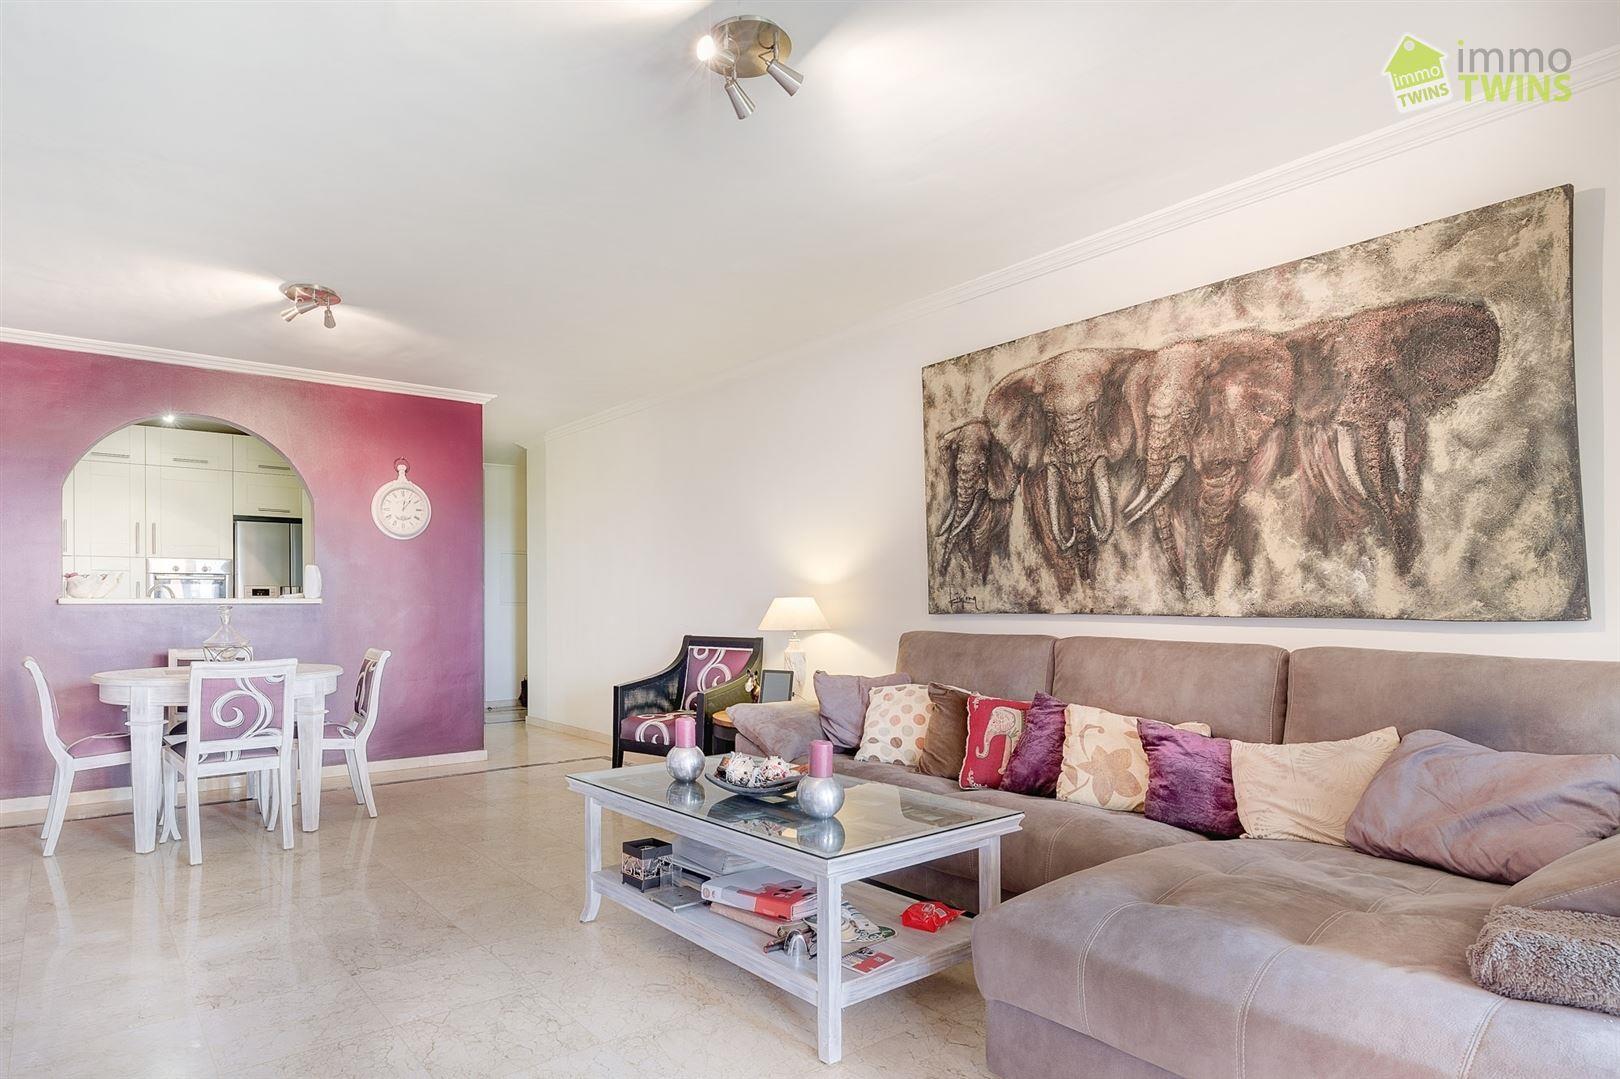 Foto 3 : Appartement te 38632 PALM MAR (Spanje) - Prijs € 440.000